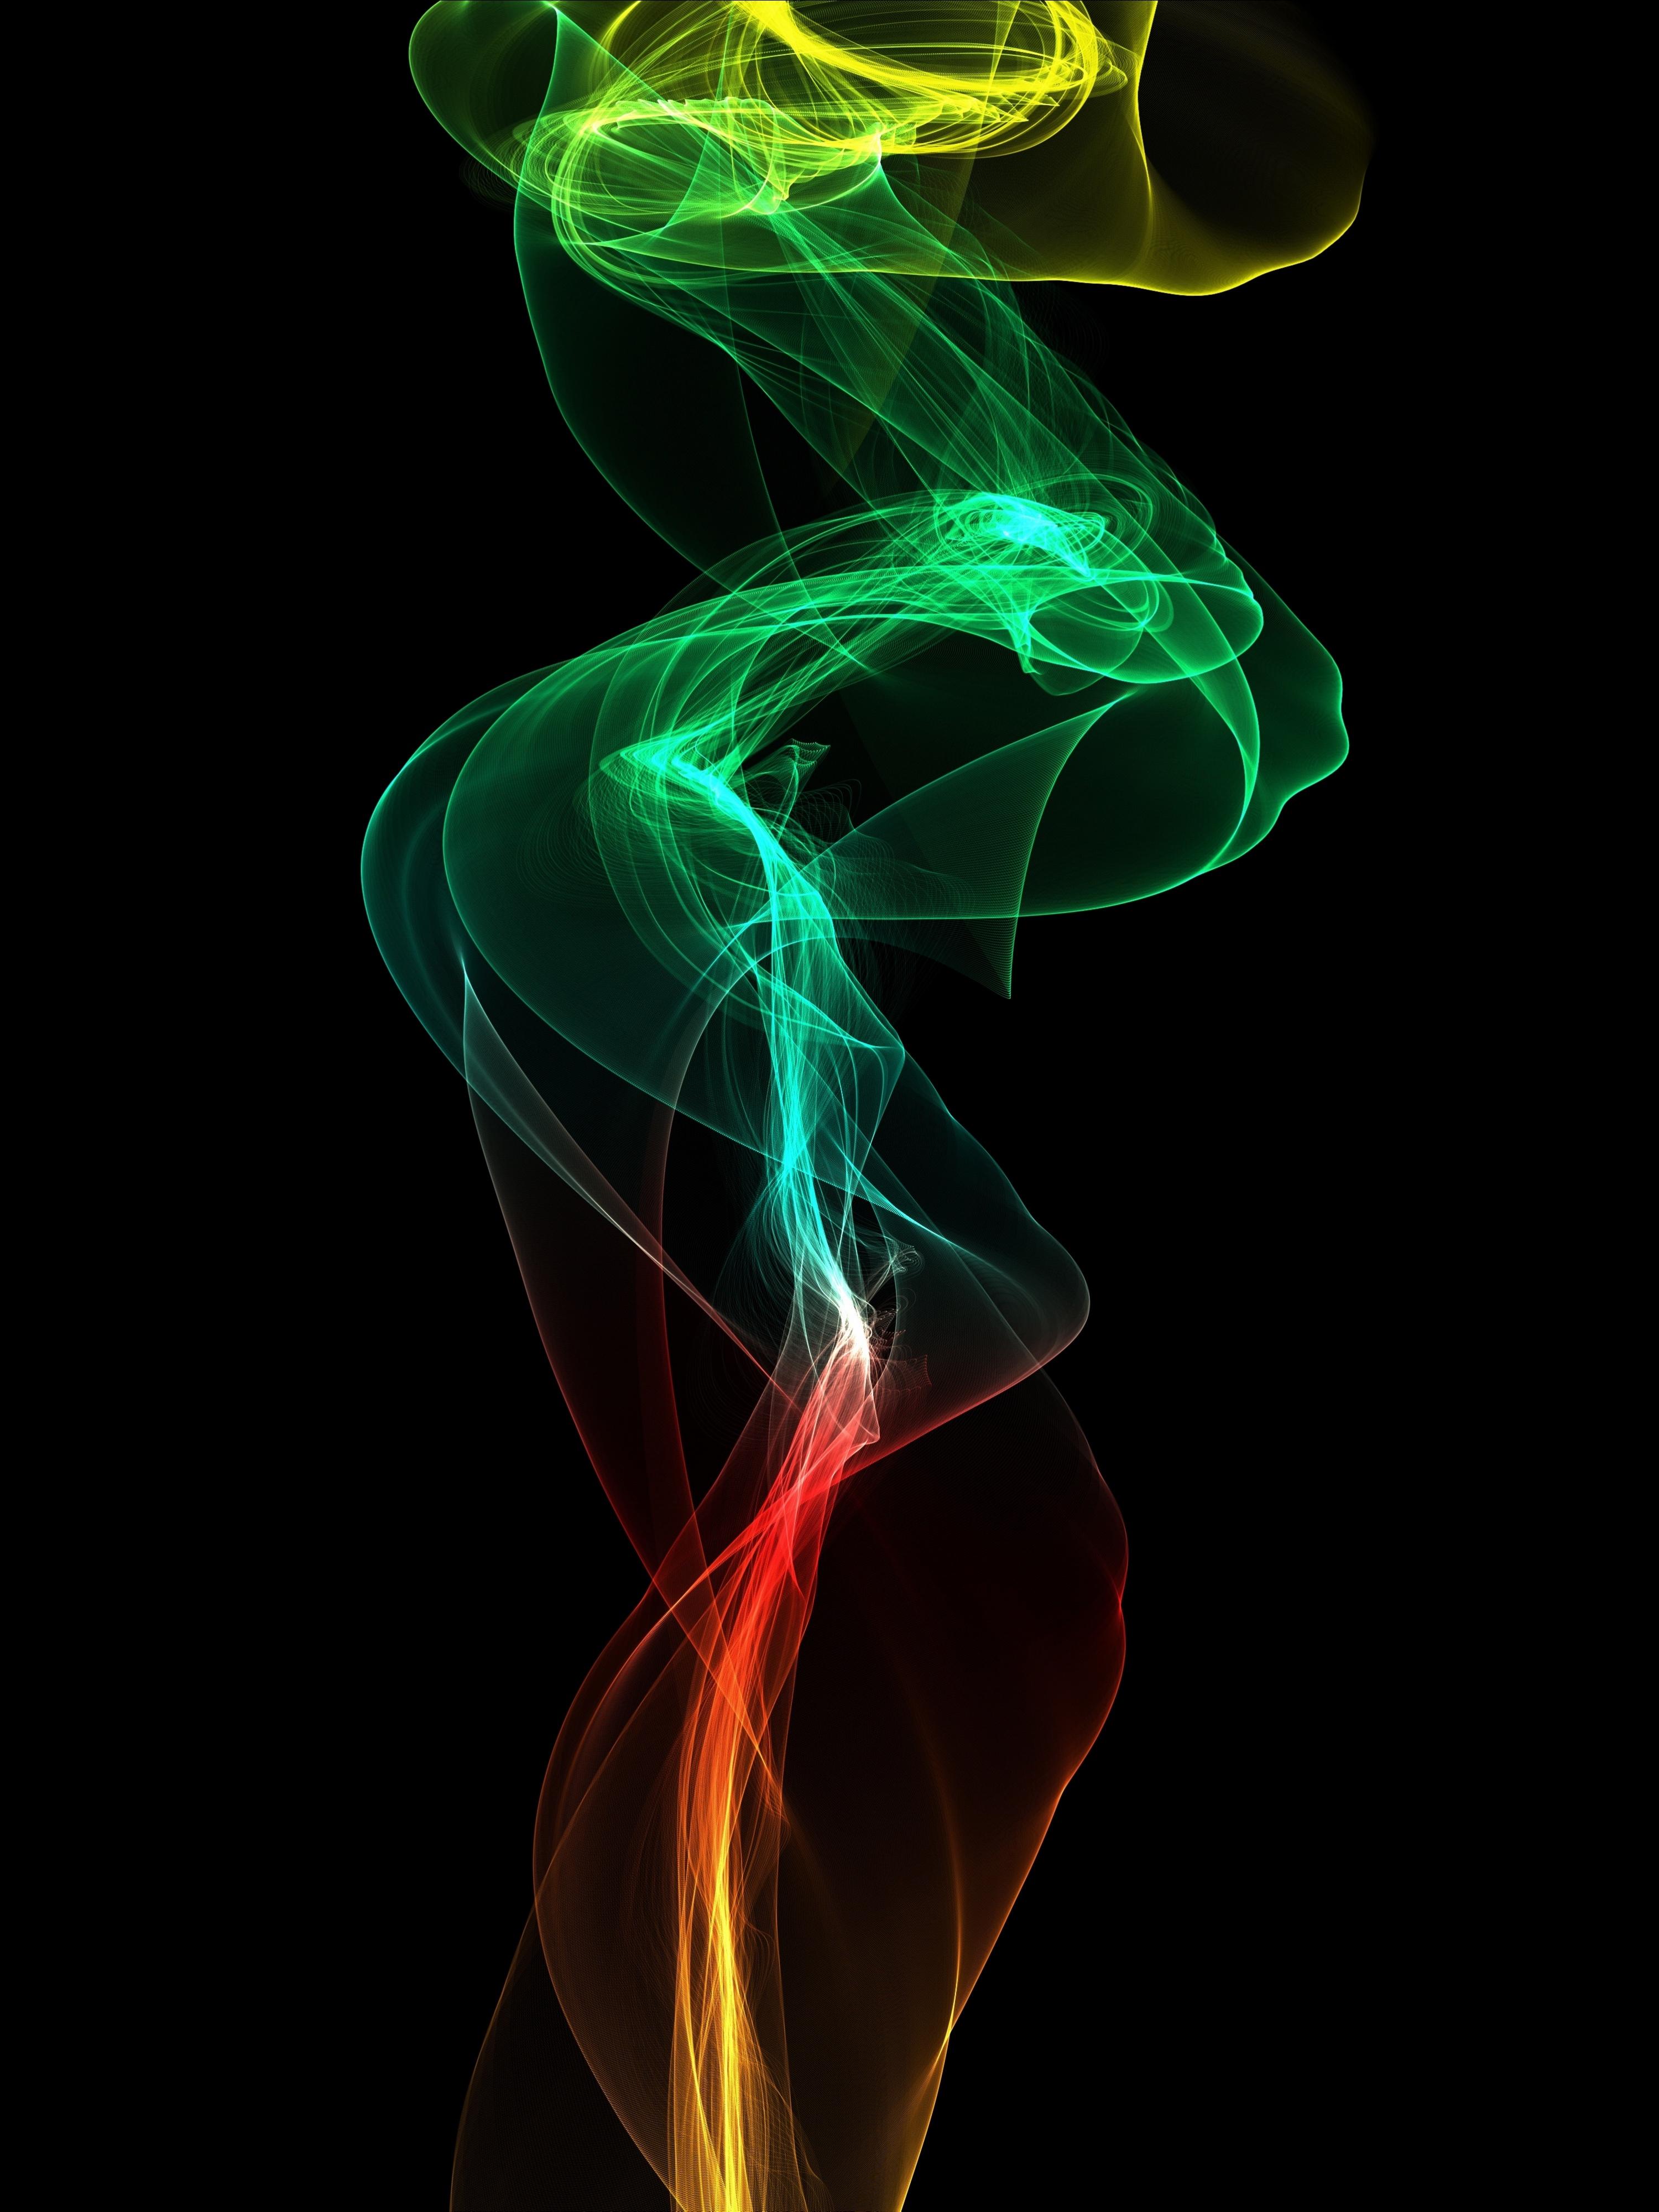 136694 скачать обои Абстракция, Дым, Извилистый, Цветной, Цифровой - заставки и картинки бесплатно